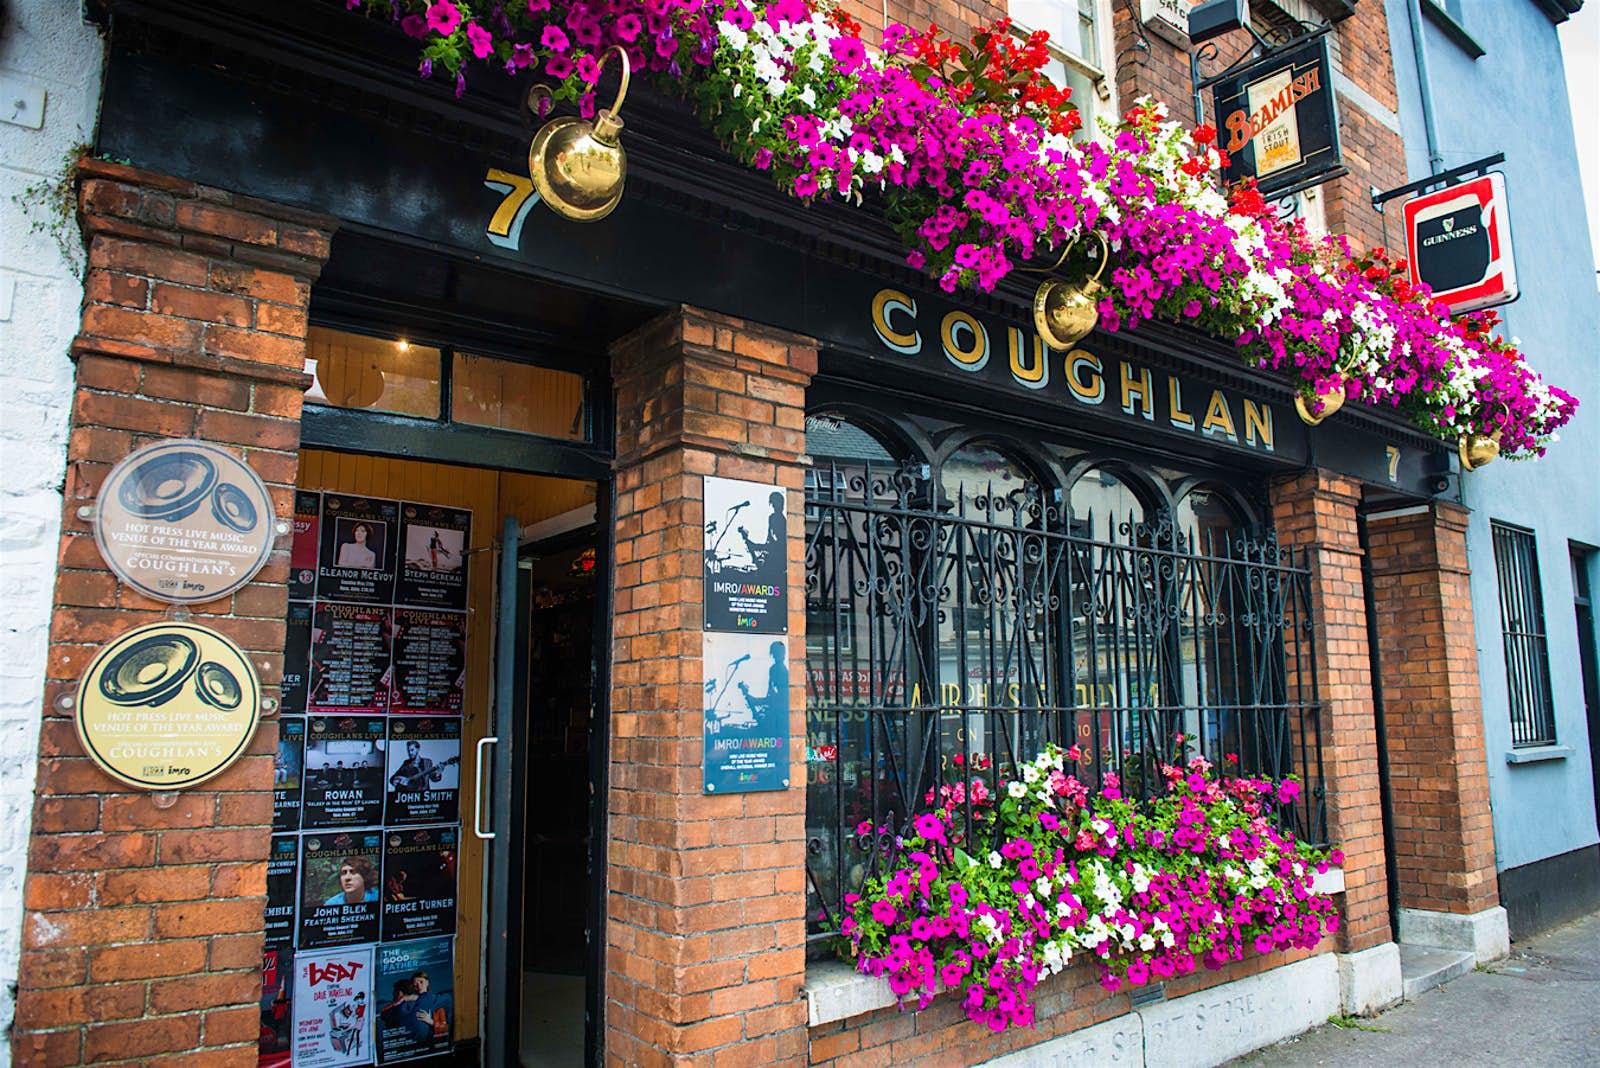 Coughlans Pub, Cork City.